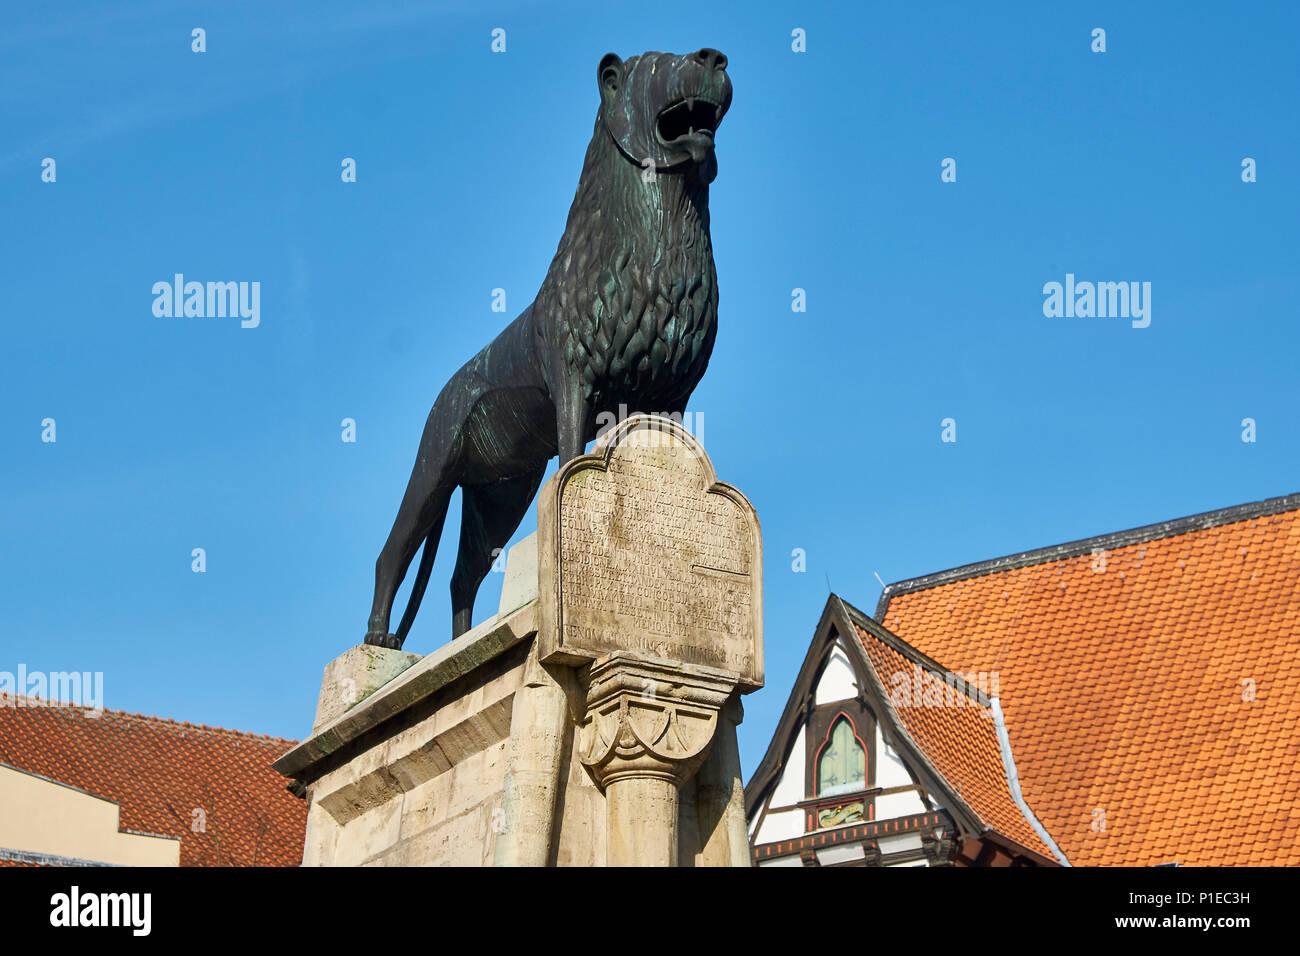 Braunschweig Lion am Burgplatz, Braunschweig, Niedersachsen, Deutschland Stockbild